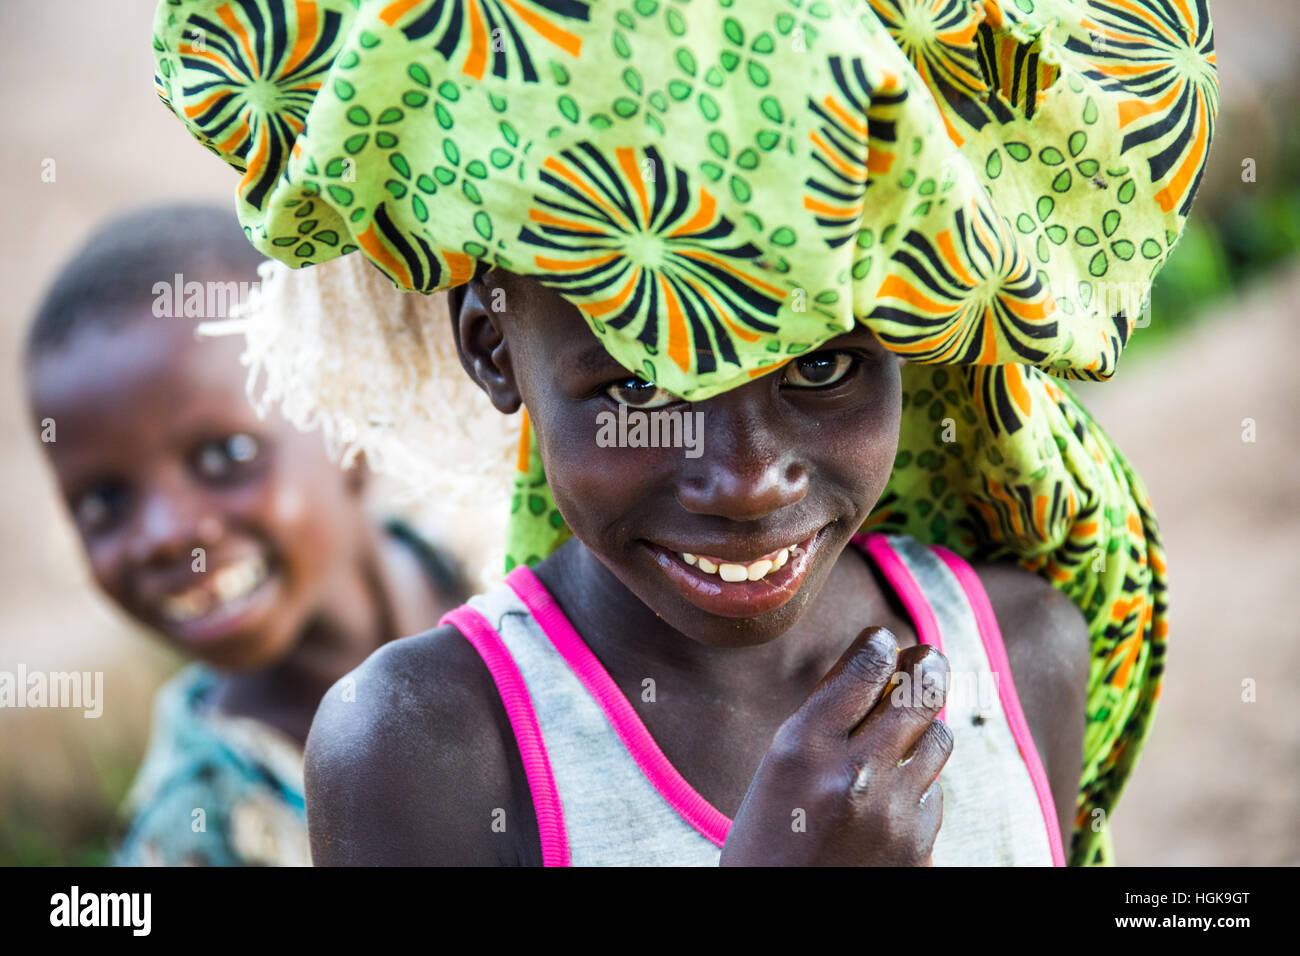 Local child balancing a bundle, Livingstone, Zambia - Stock Image